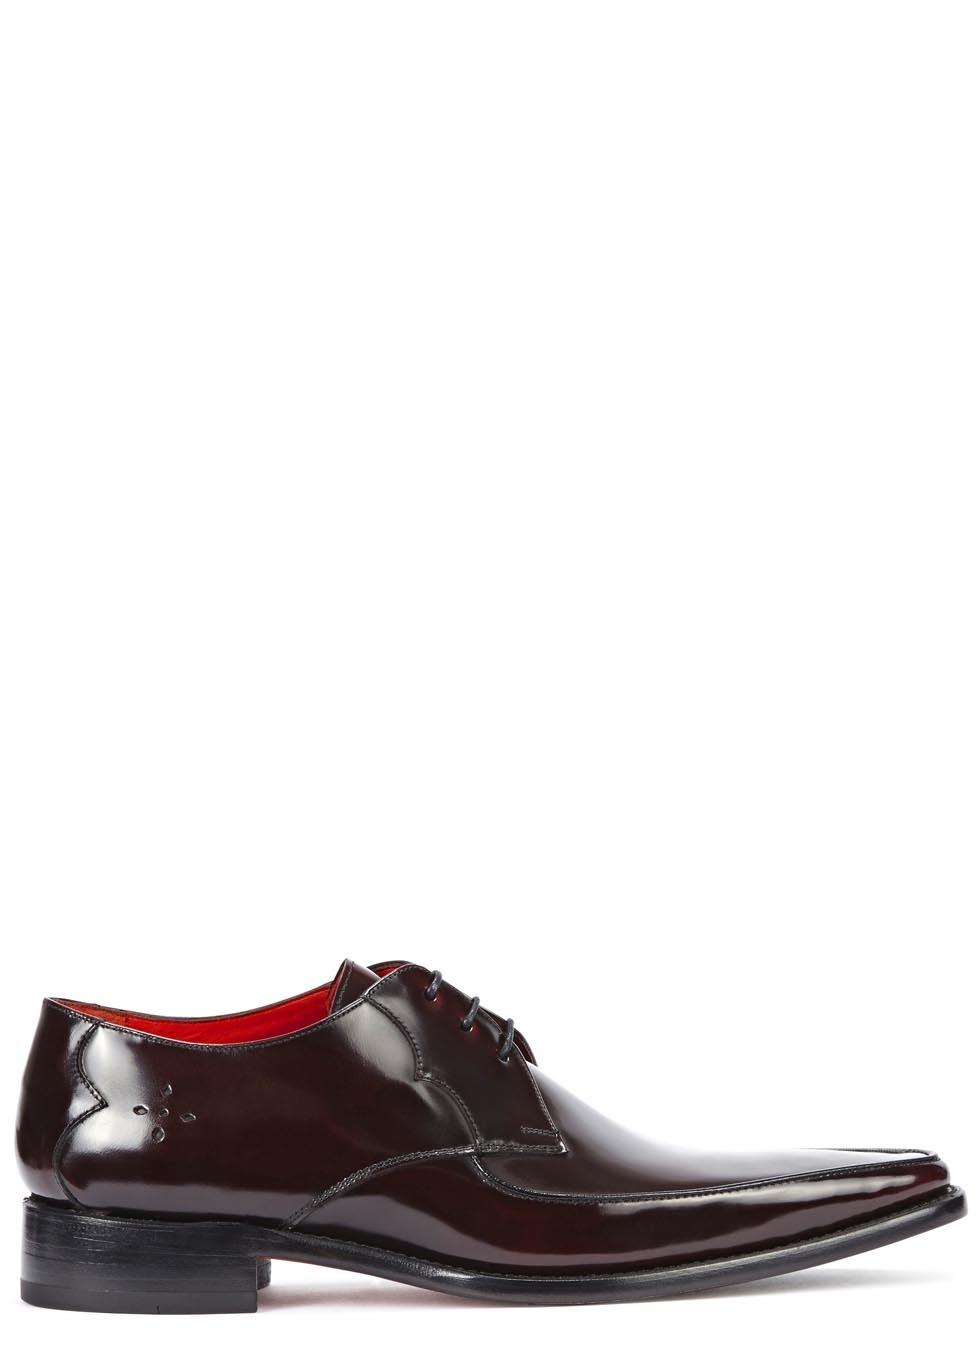 Harrison Men S Lace Up Derby Shoes